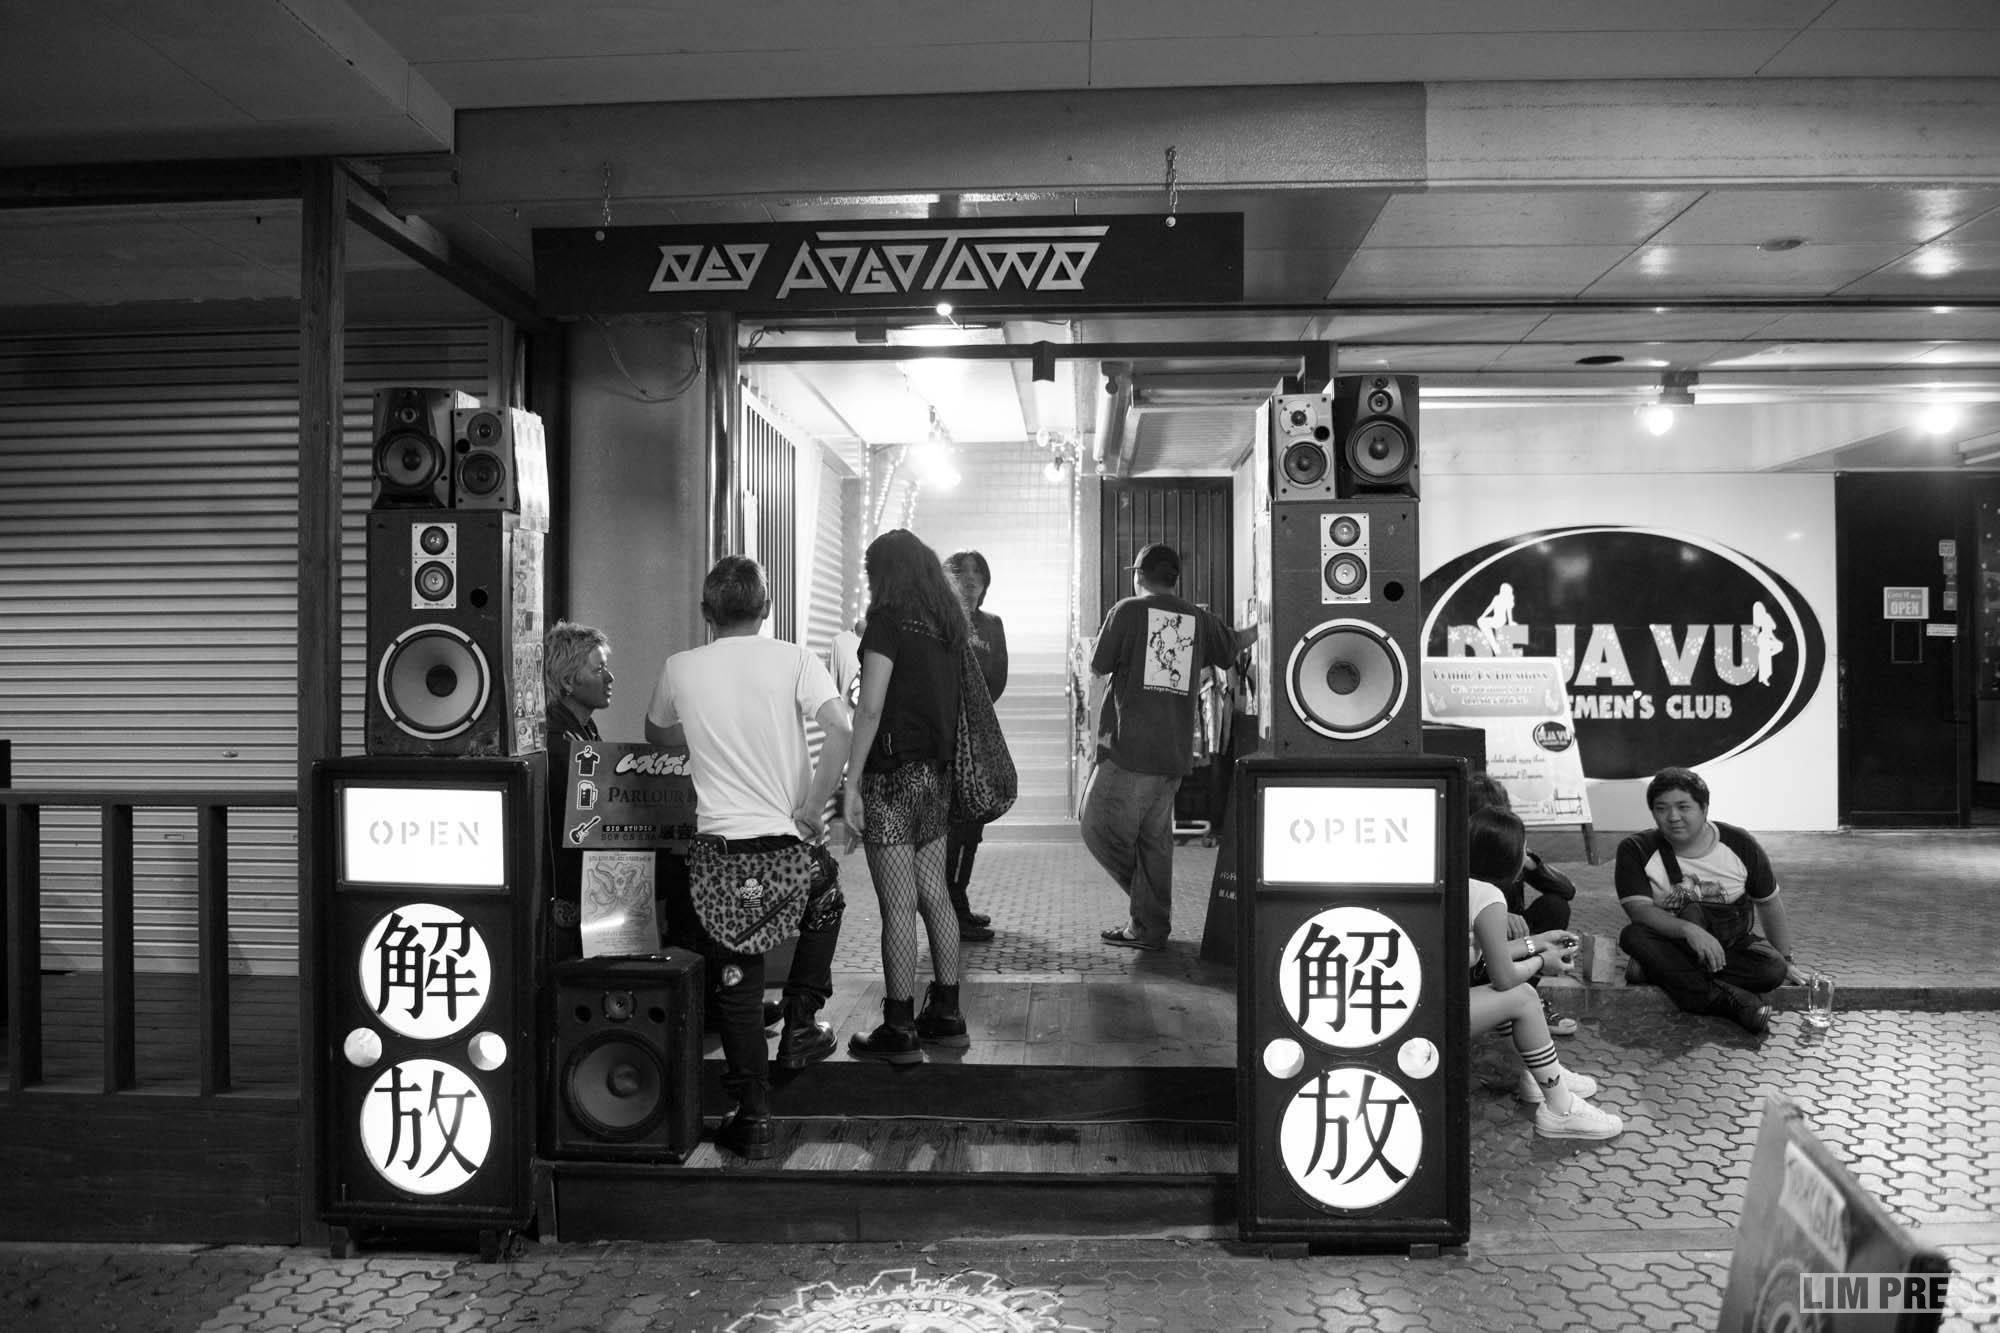 アルカシルカ | 沖縄 騒音舎 | 2018.06.16